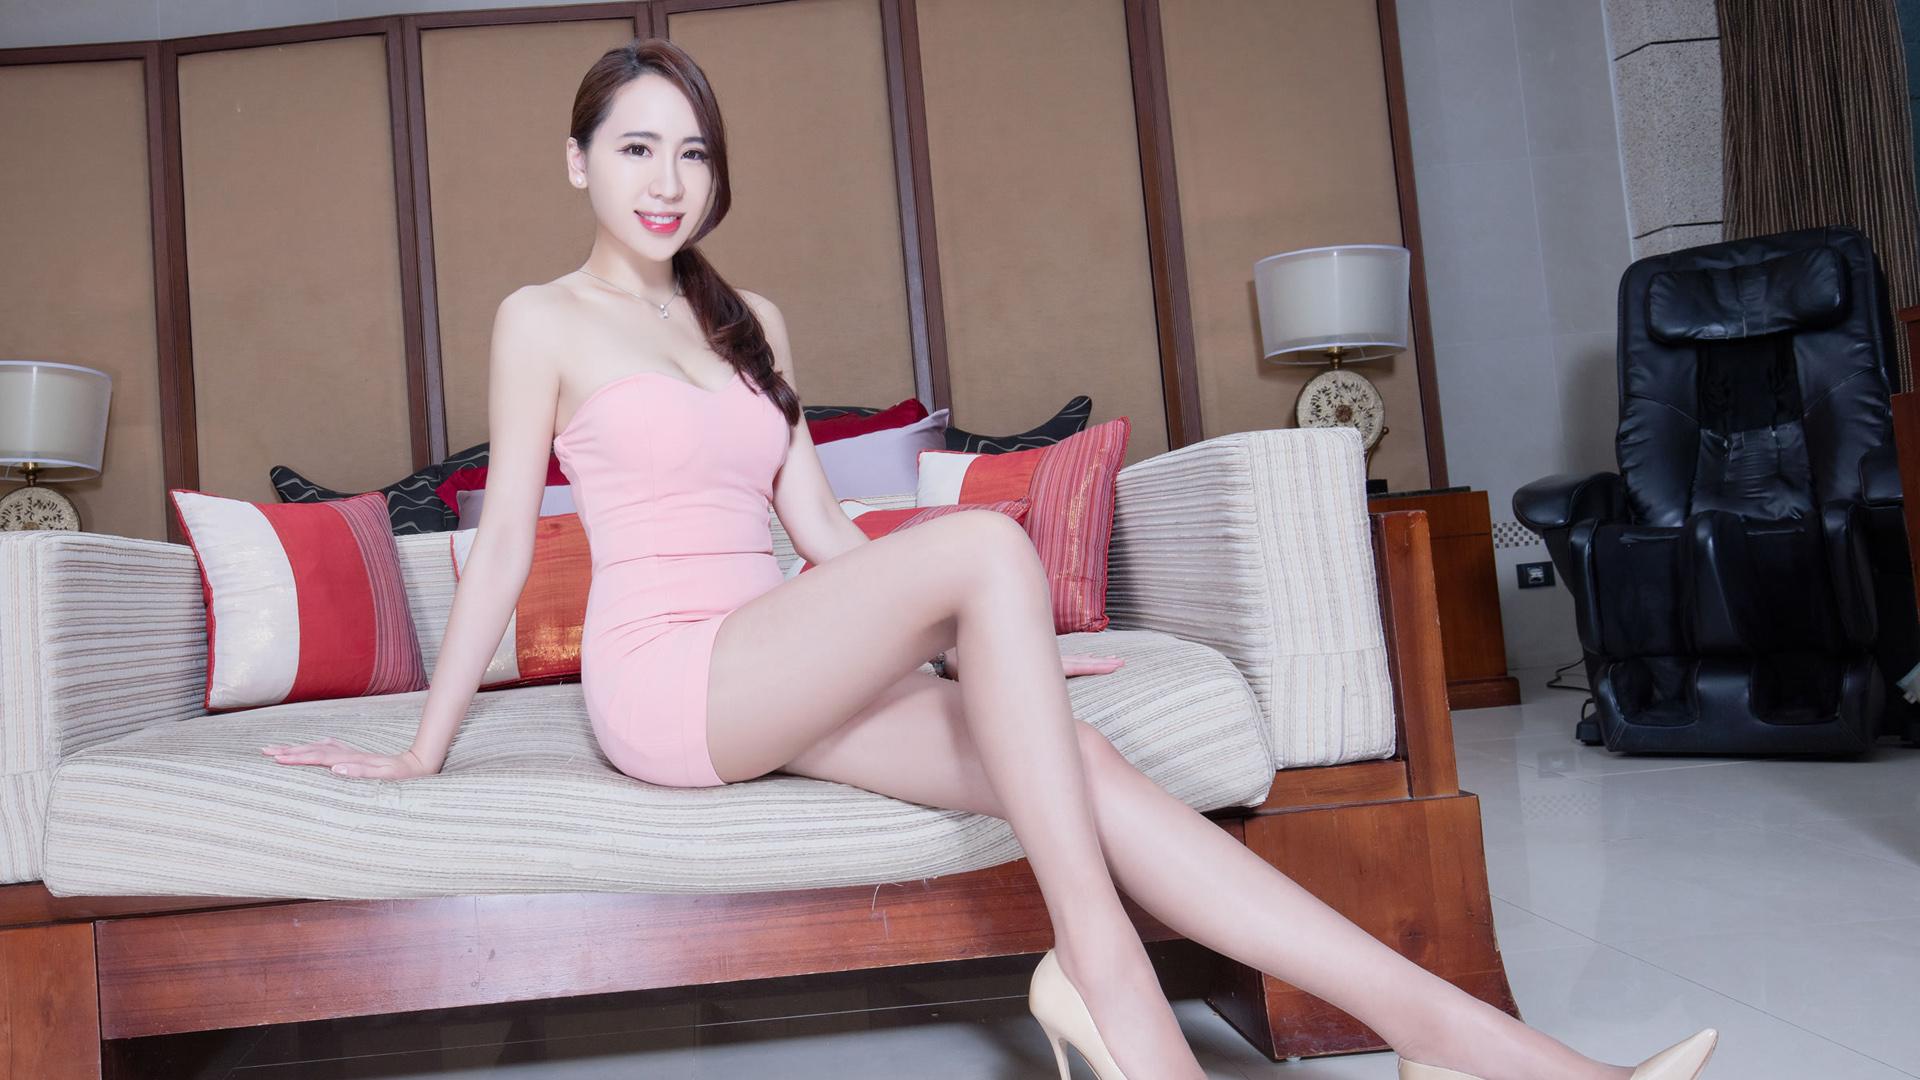 情圣满枫:遇见漂亮的妹子,心动的女生,如何快速搭讪?